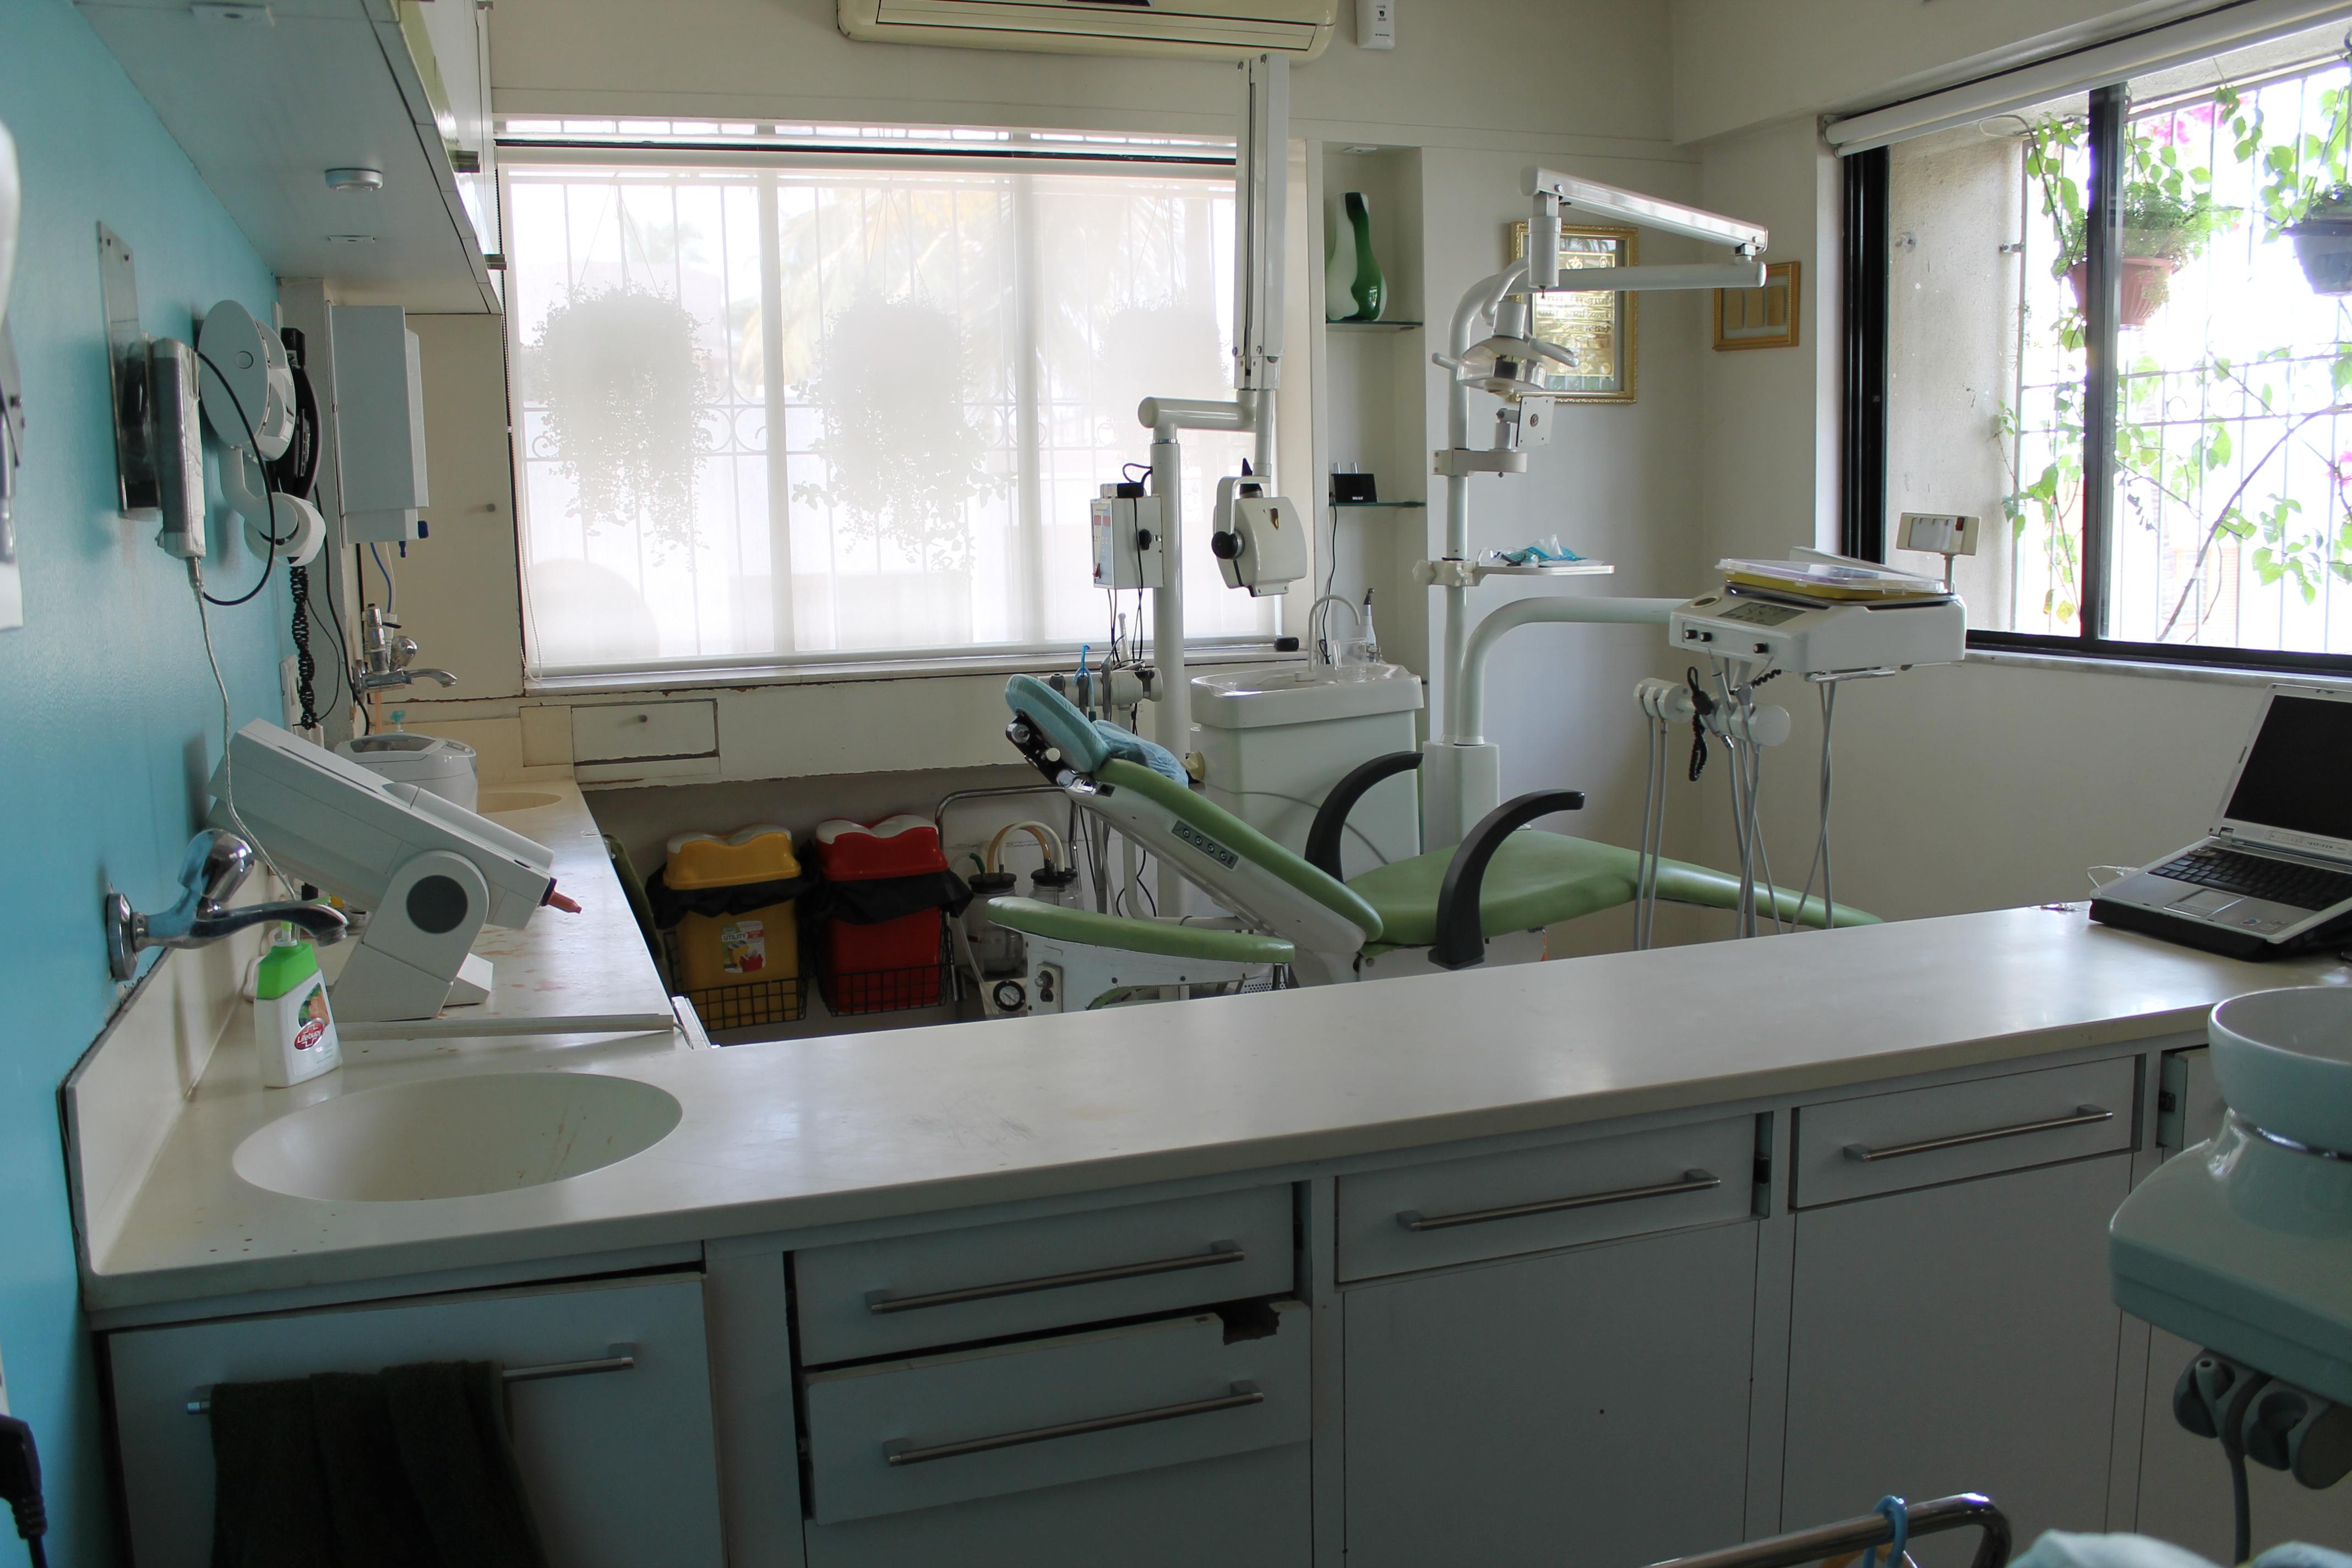 Operatory Bhandari Dental Clinic Mukund Nagar,Pune